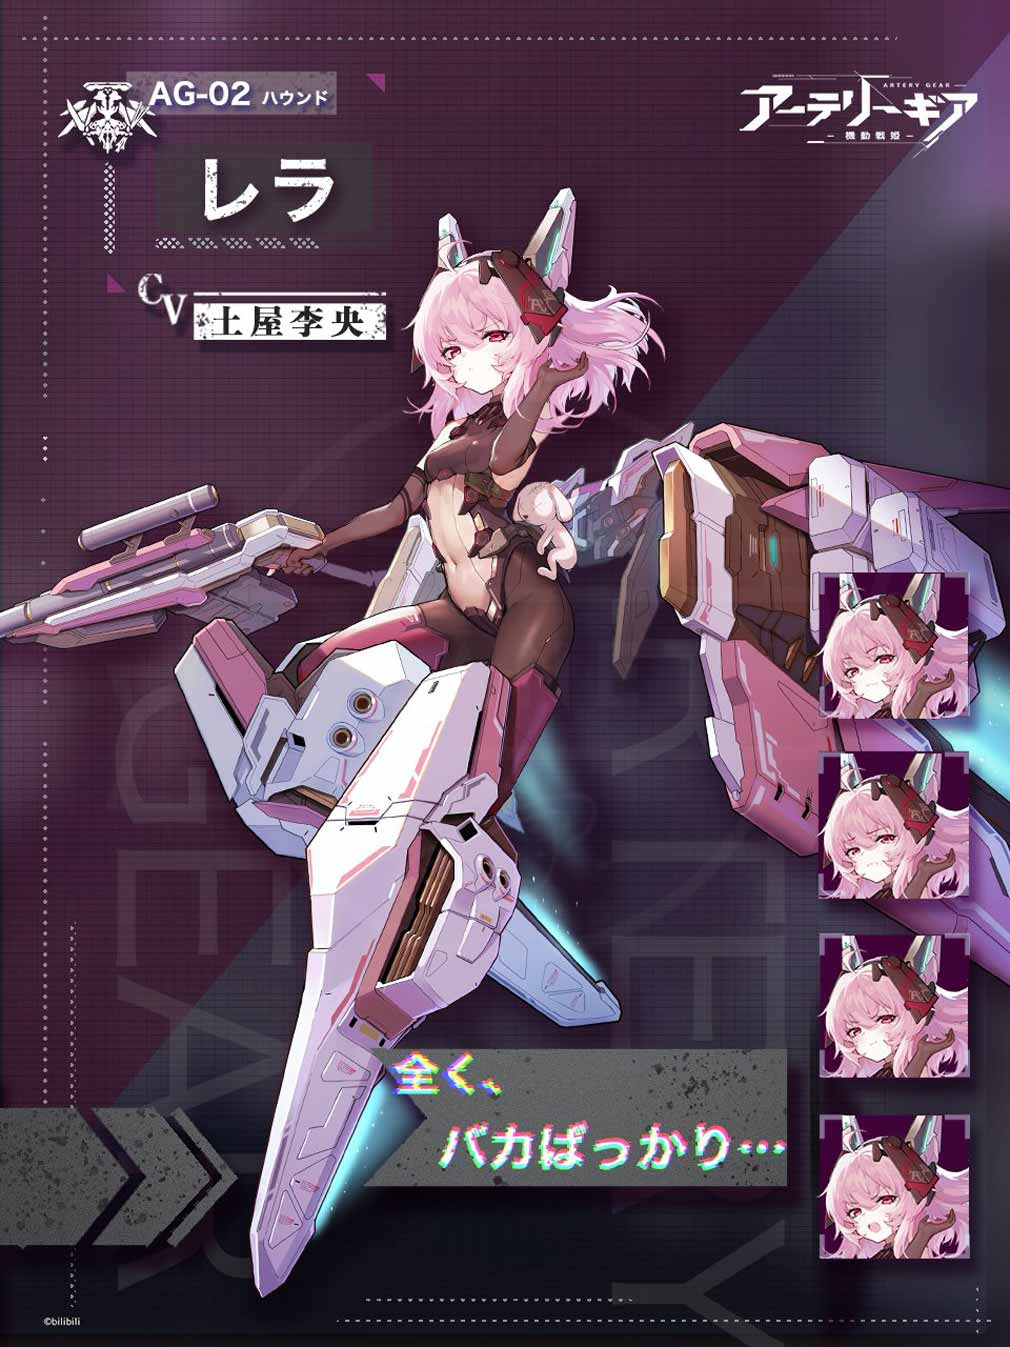 アーテリーギア 機動戦姫(アテギア) キャラクター『レラ』紹介イメージ